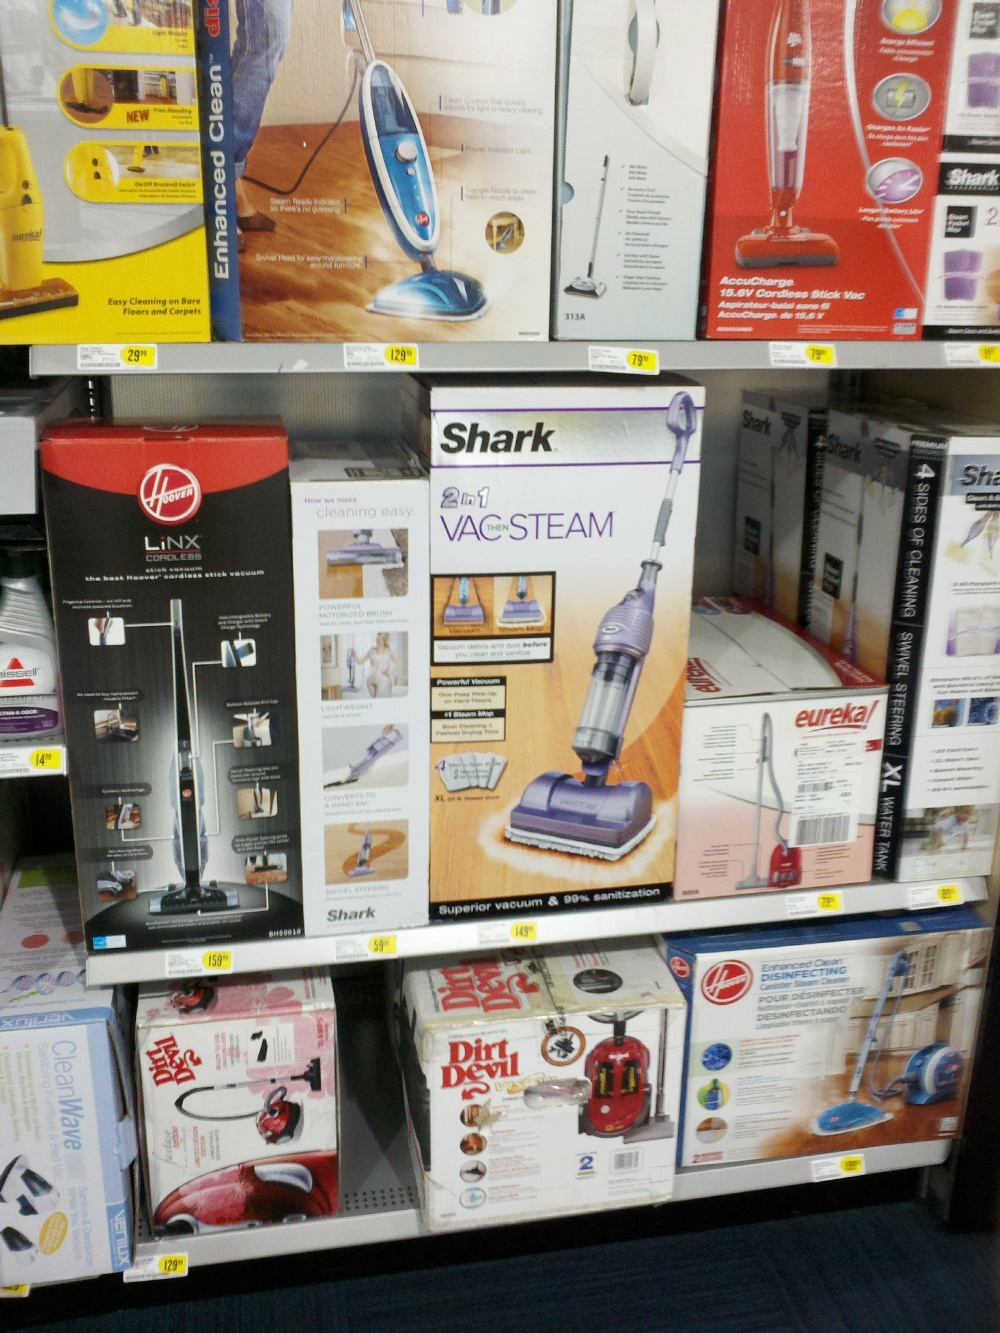 Vacuum Display At Target